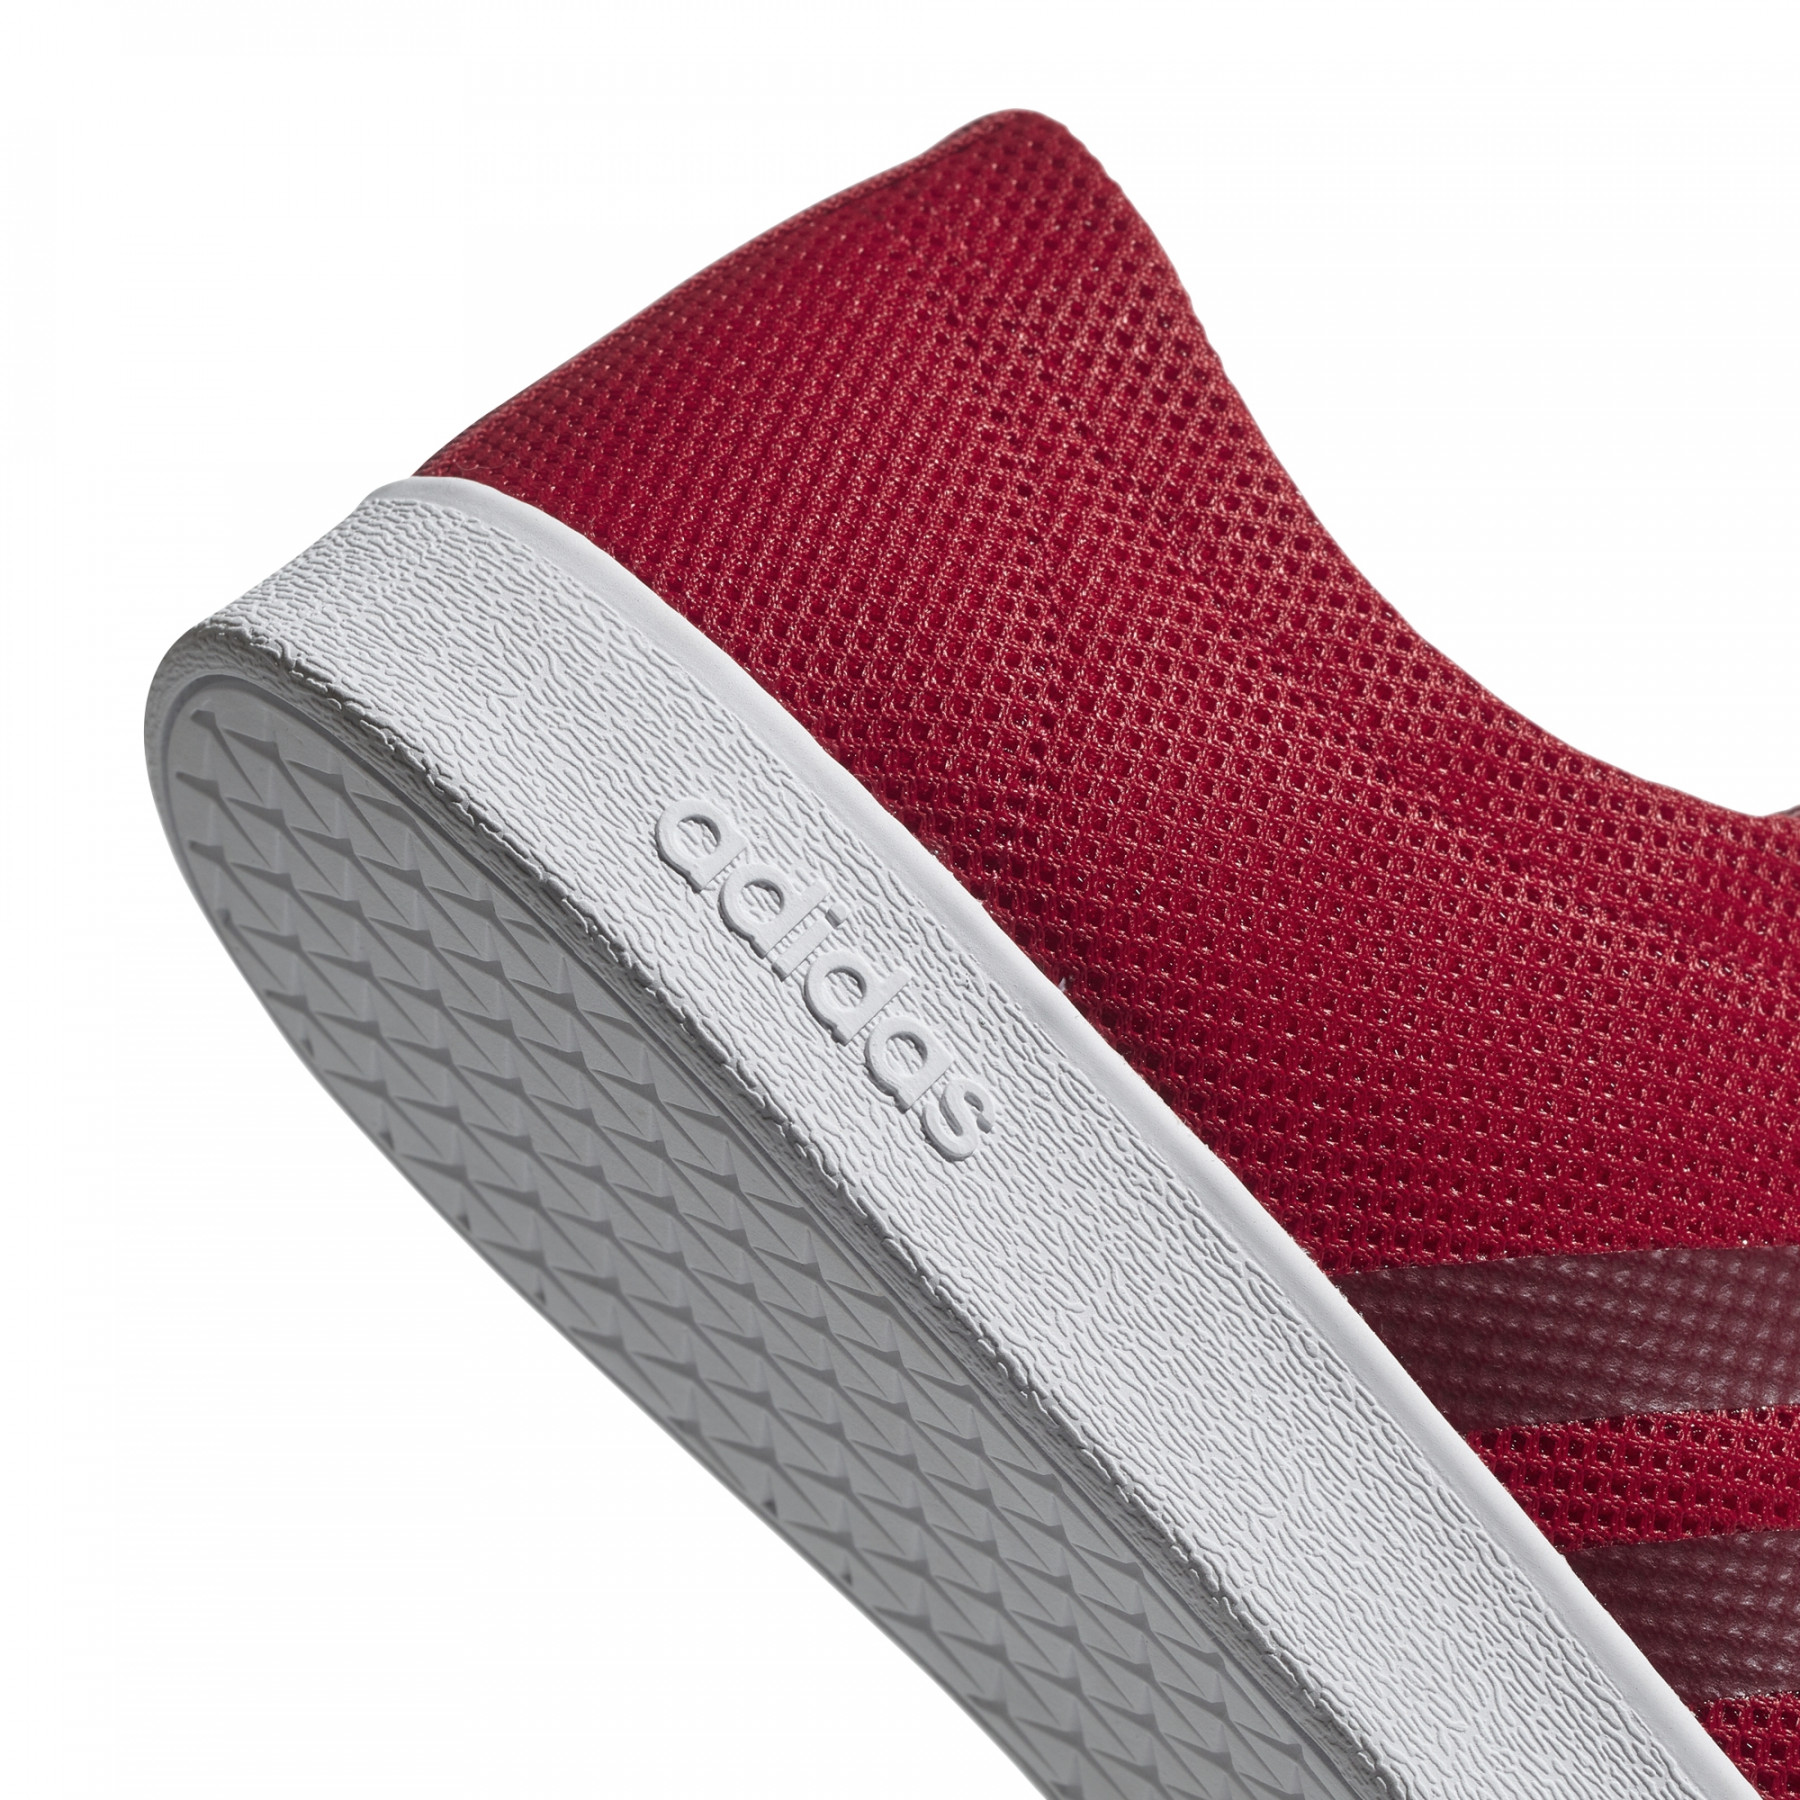 Adidas Neo Shoes Easy Vulc 2.0